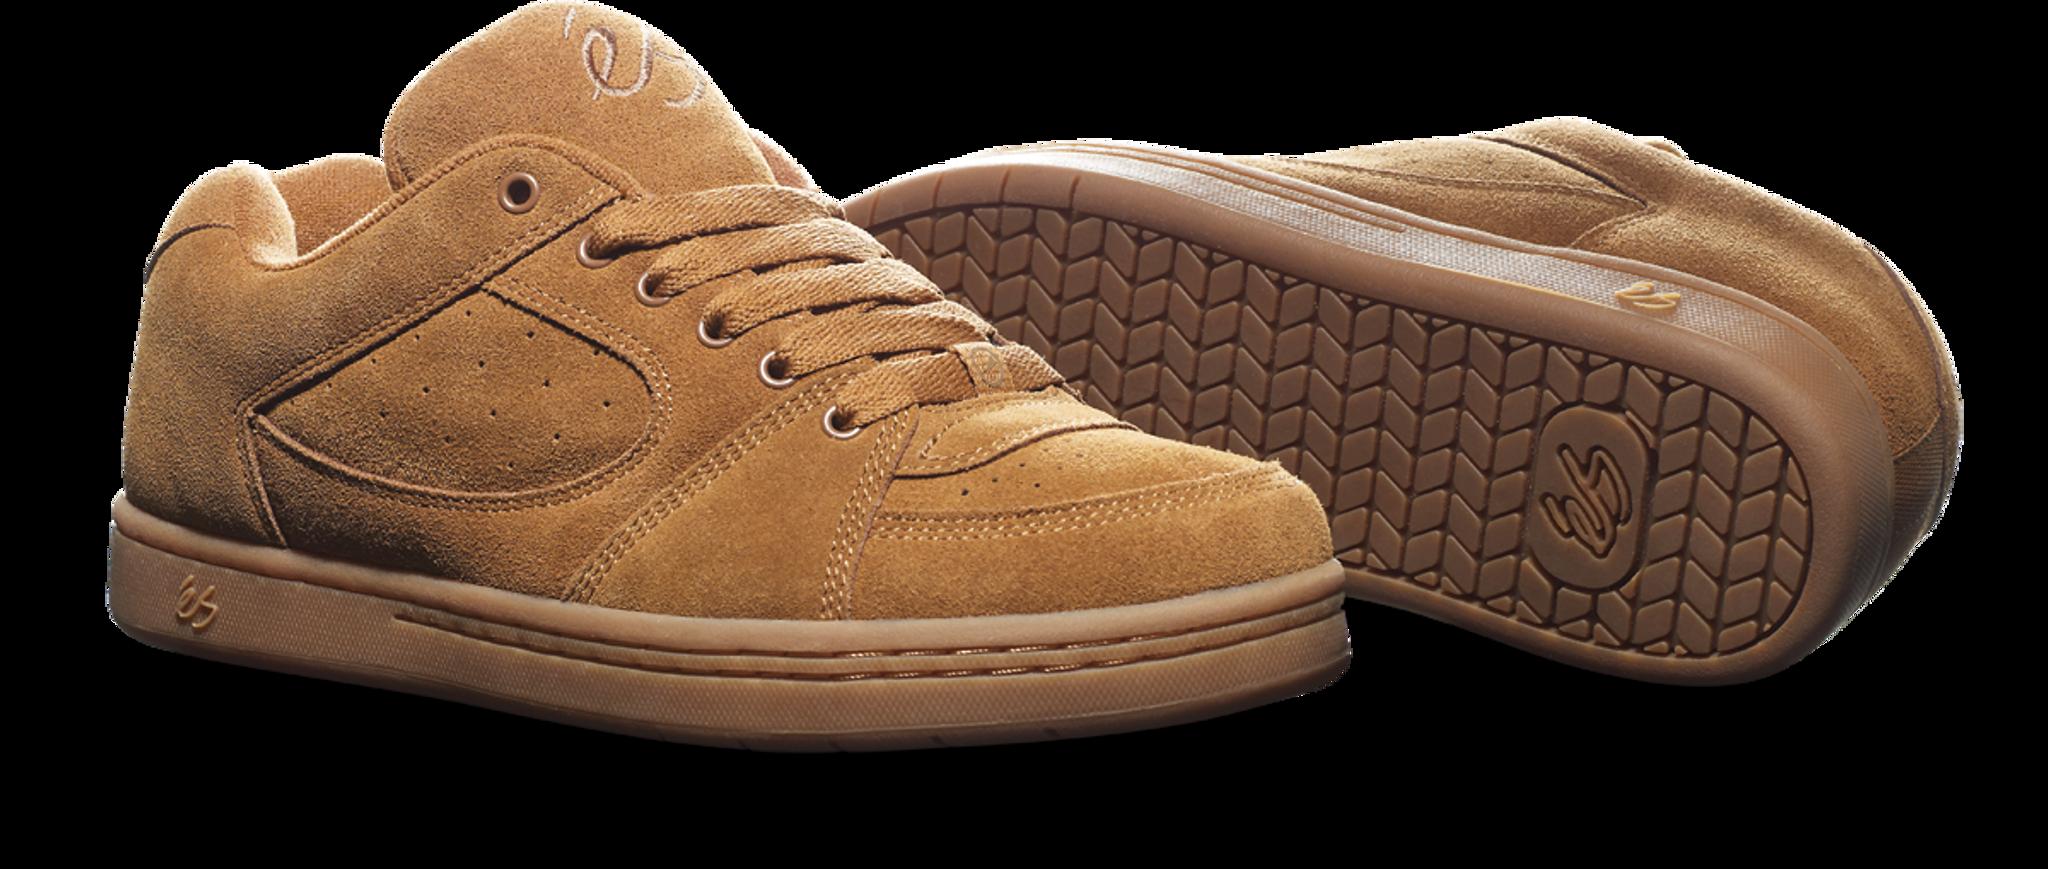 eS ACCEL OG SHOES Skate Sneakers Brown